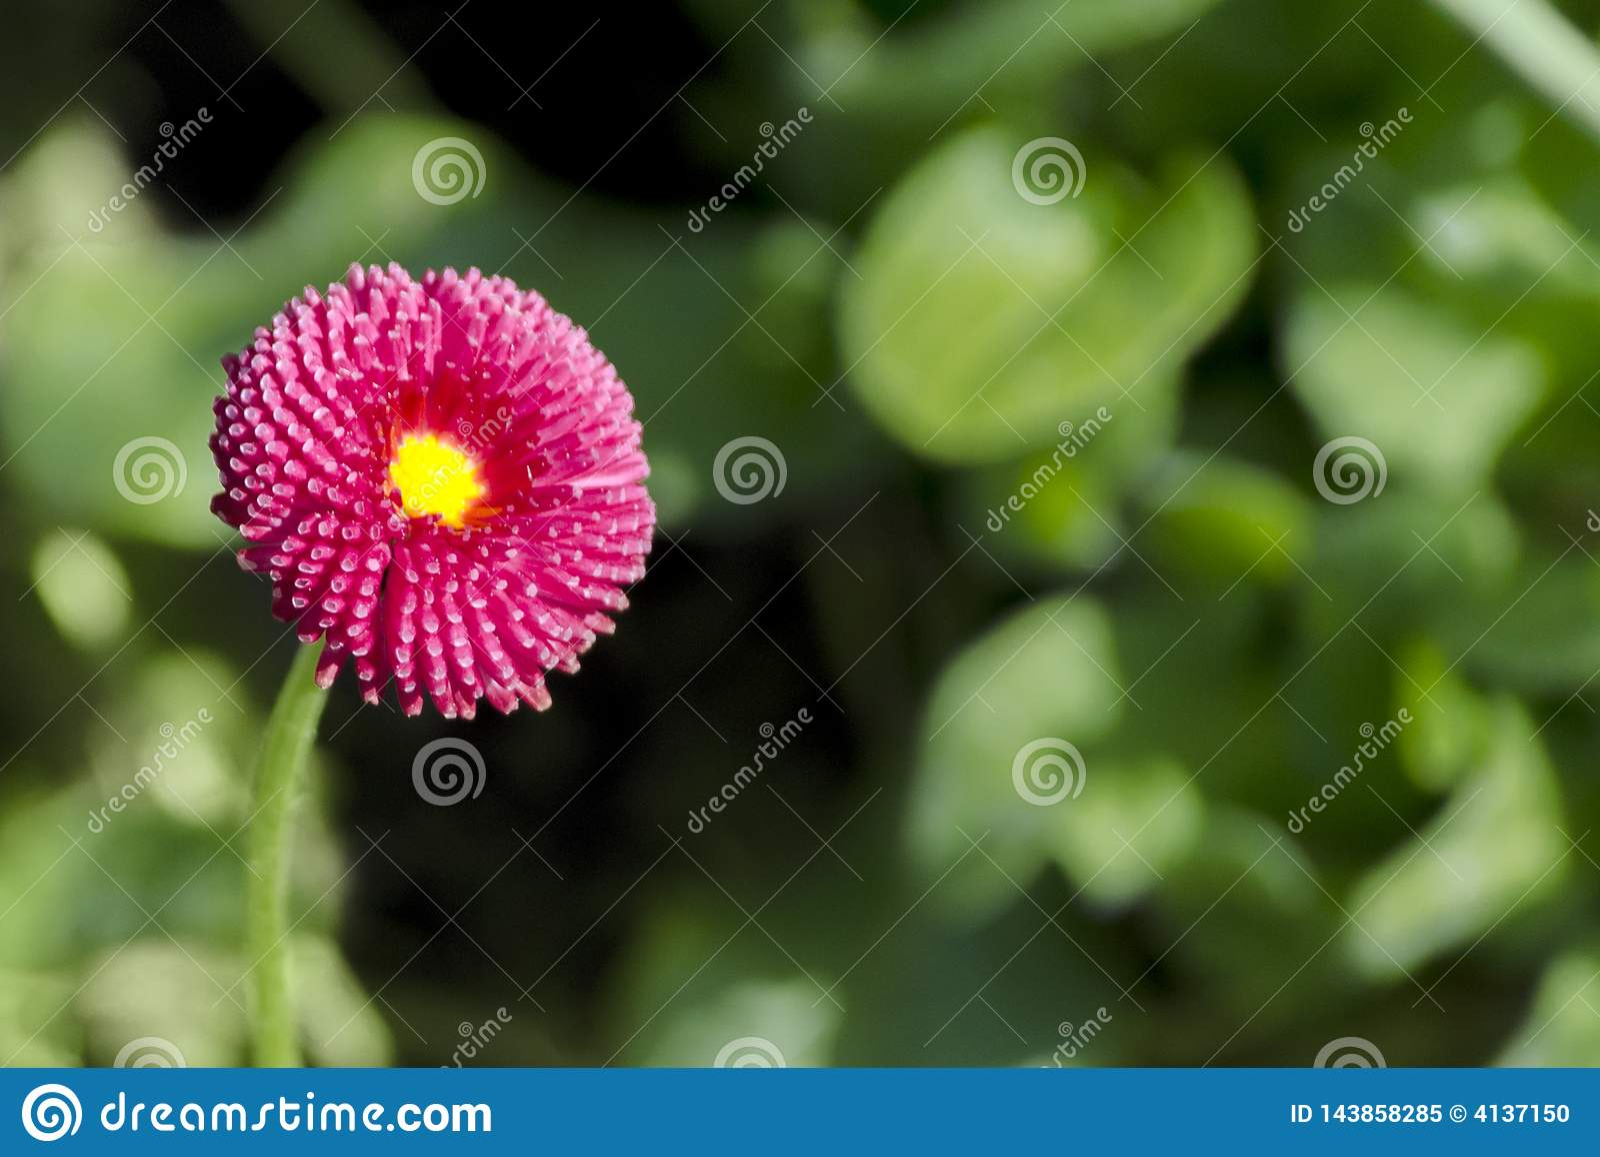 BlommaDaisy Bellis för Closeup magentafärgade perennis på en bakgrund av gröna sidor i trädgård